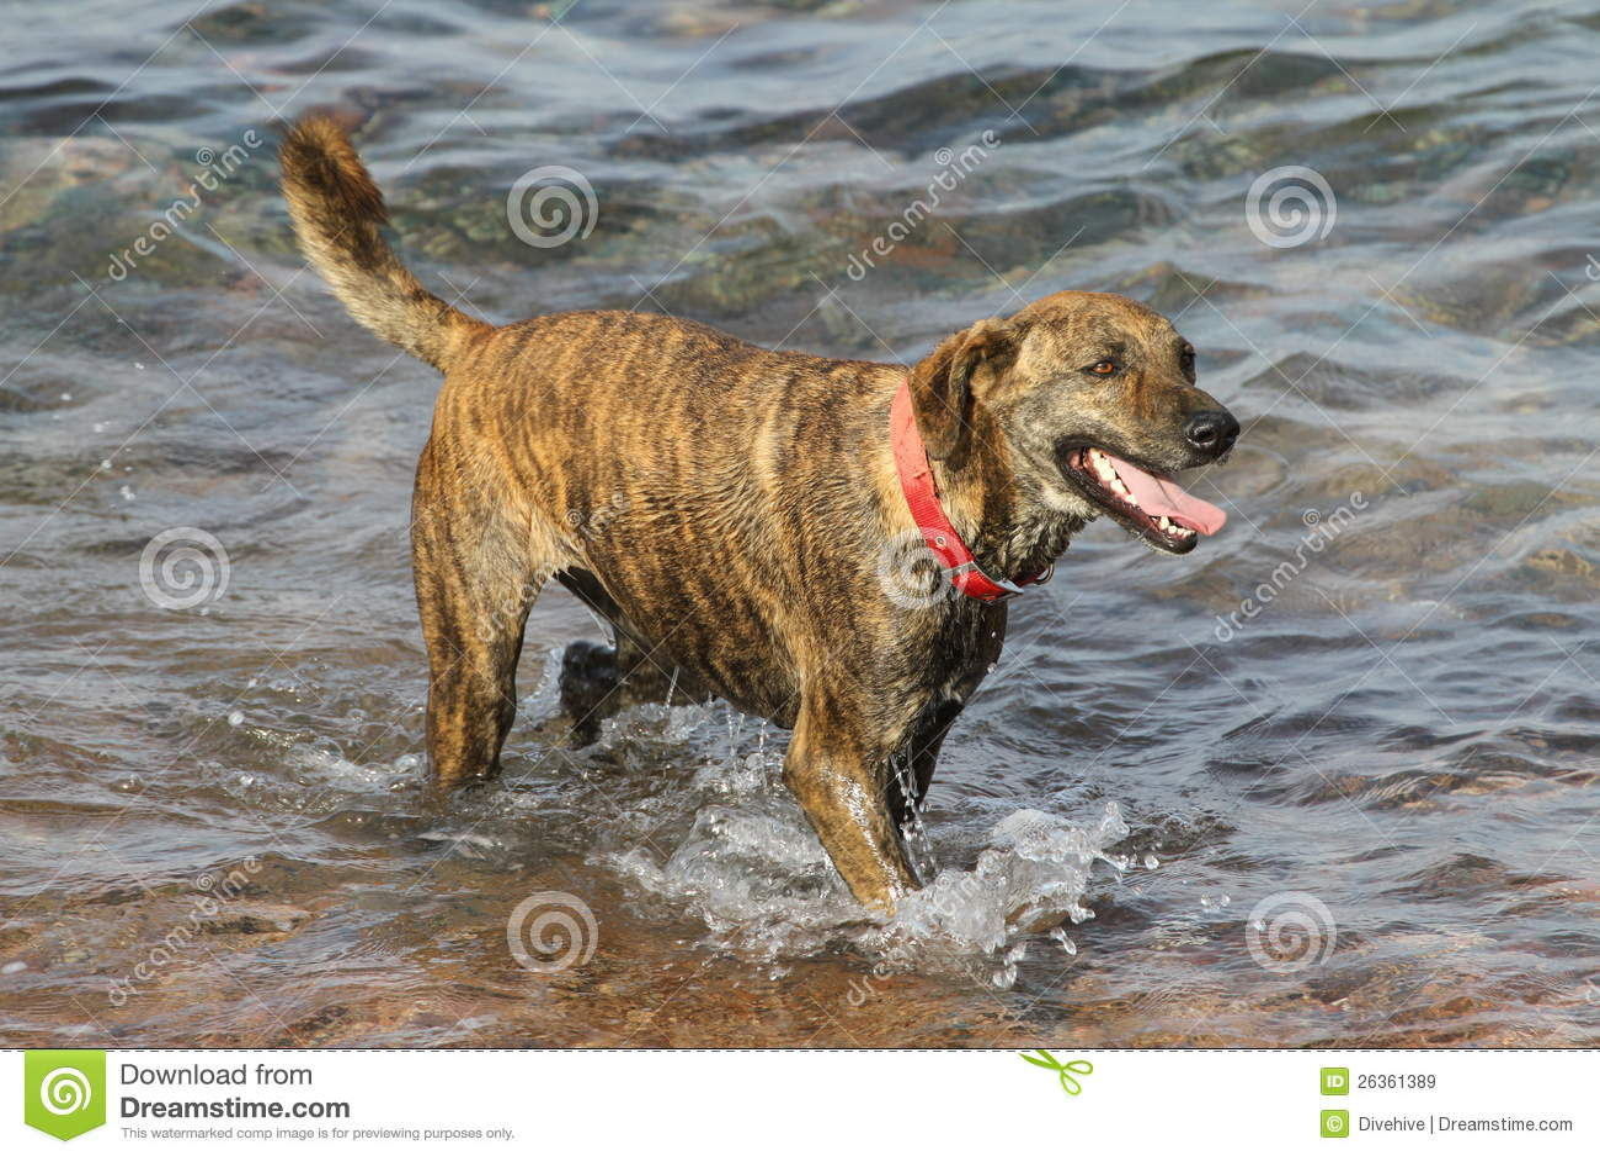 Cane con il collare rosso che si leva in piedi nell acqua